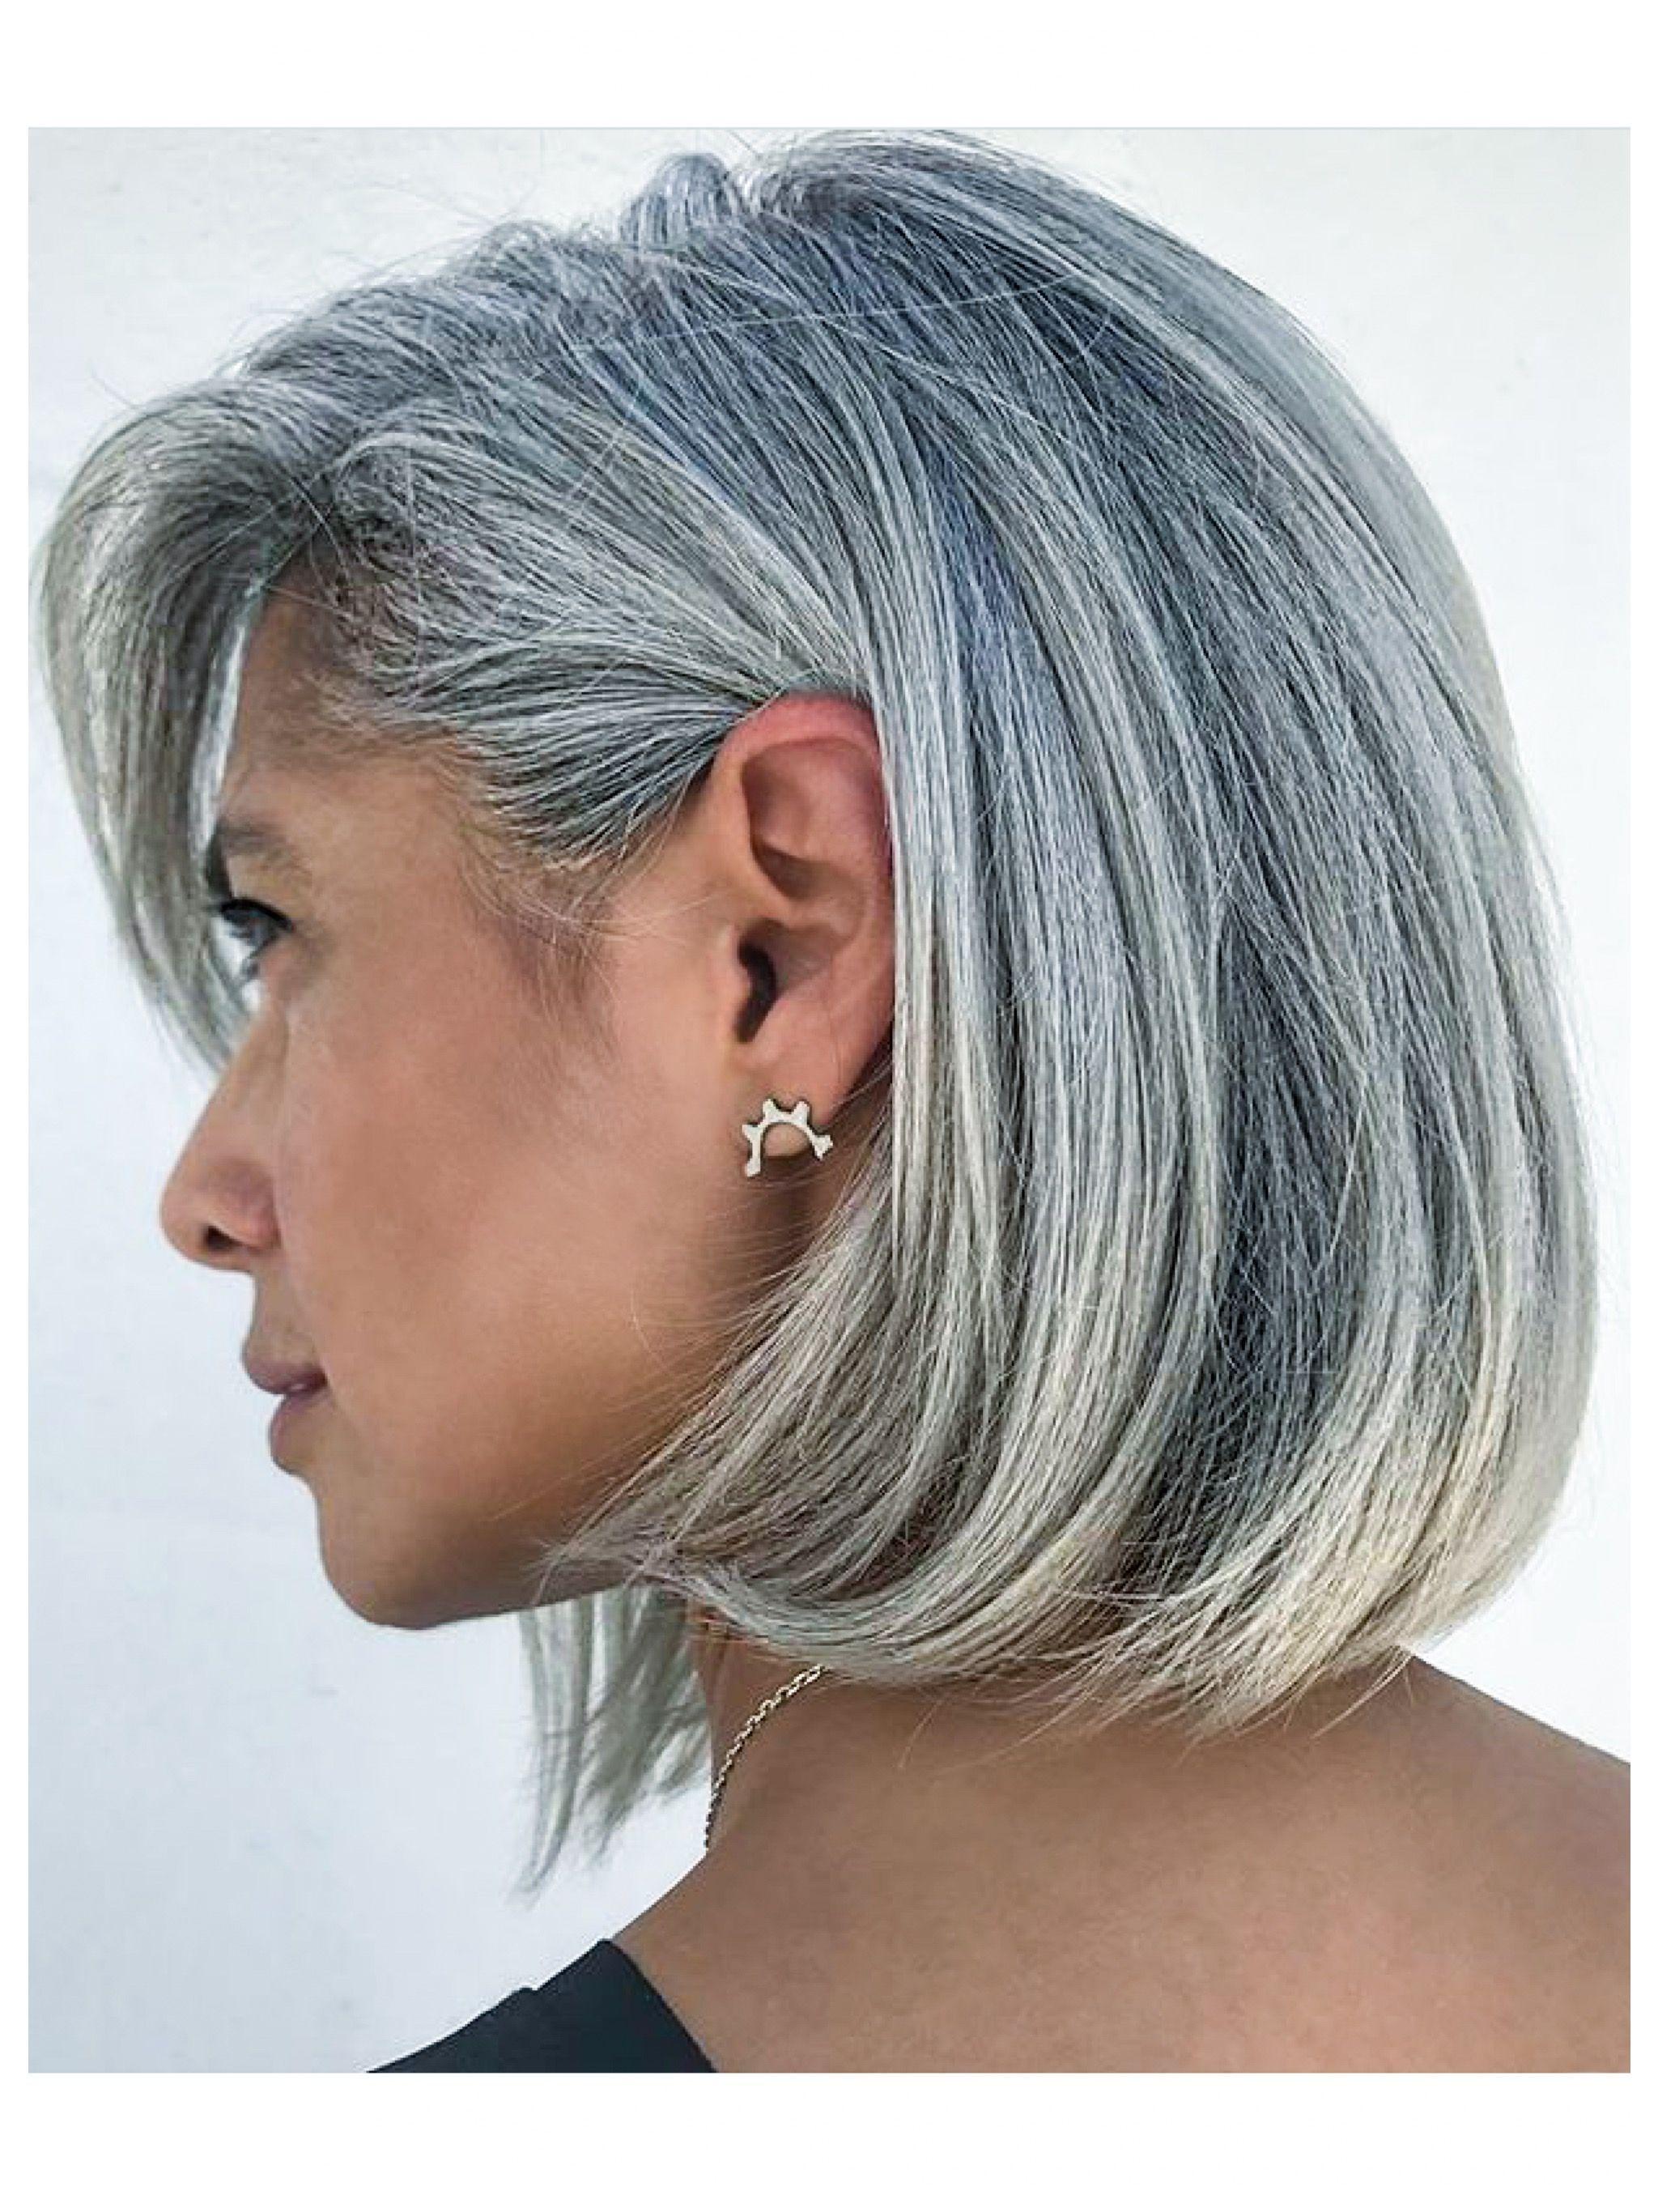 Neue Neueste Frisur Neu Frisuren 2018 Lange Graue Haare Bob Frisur Graue Haare Frisuren Graue Haare